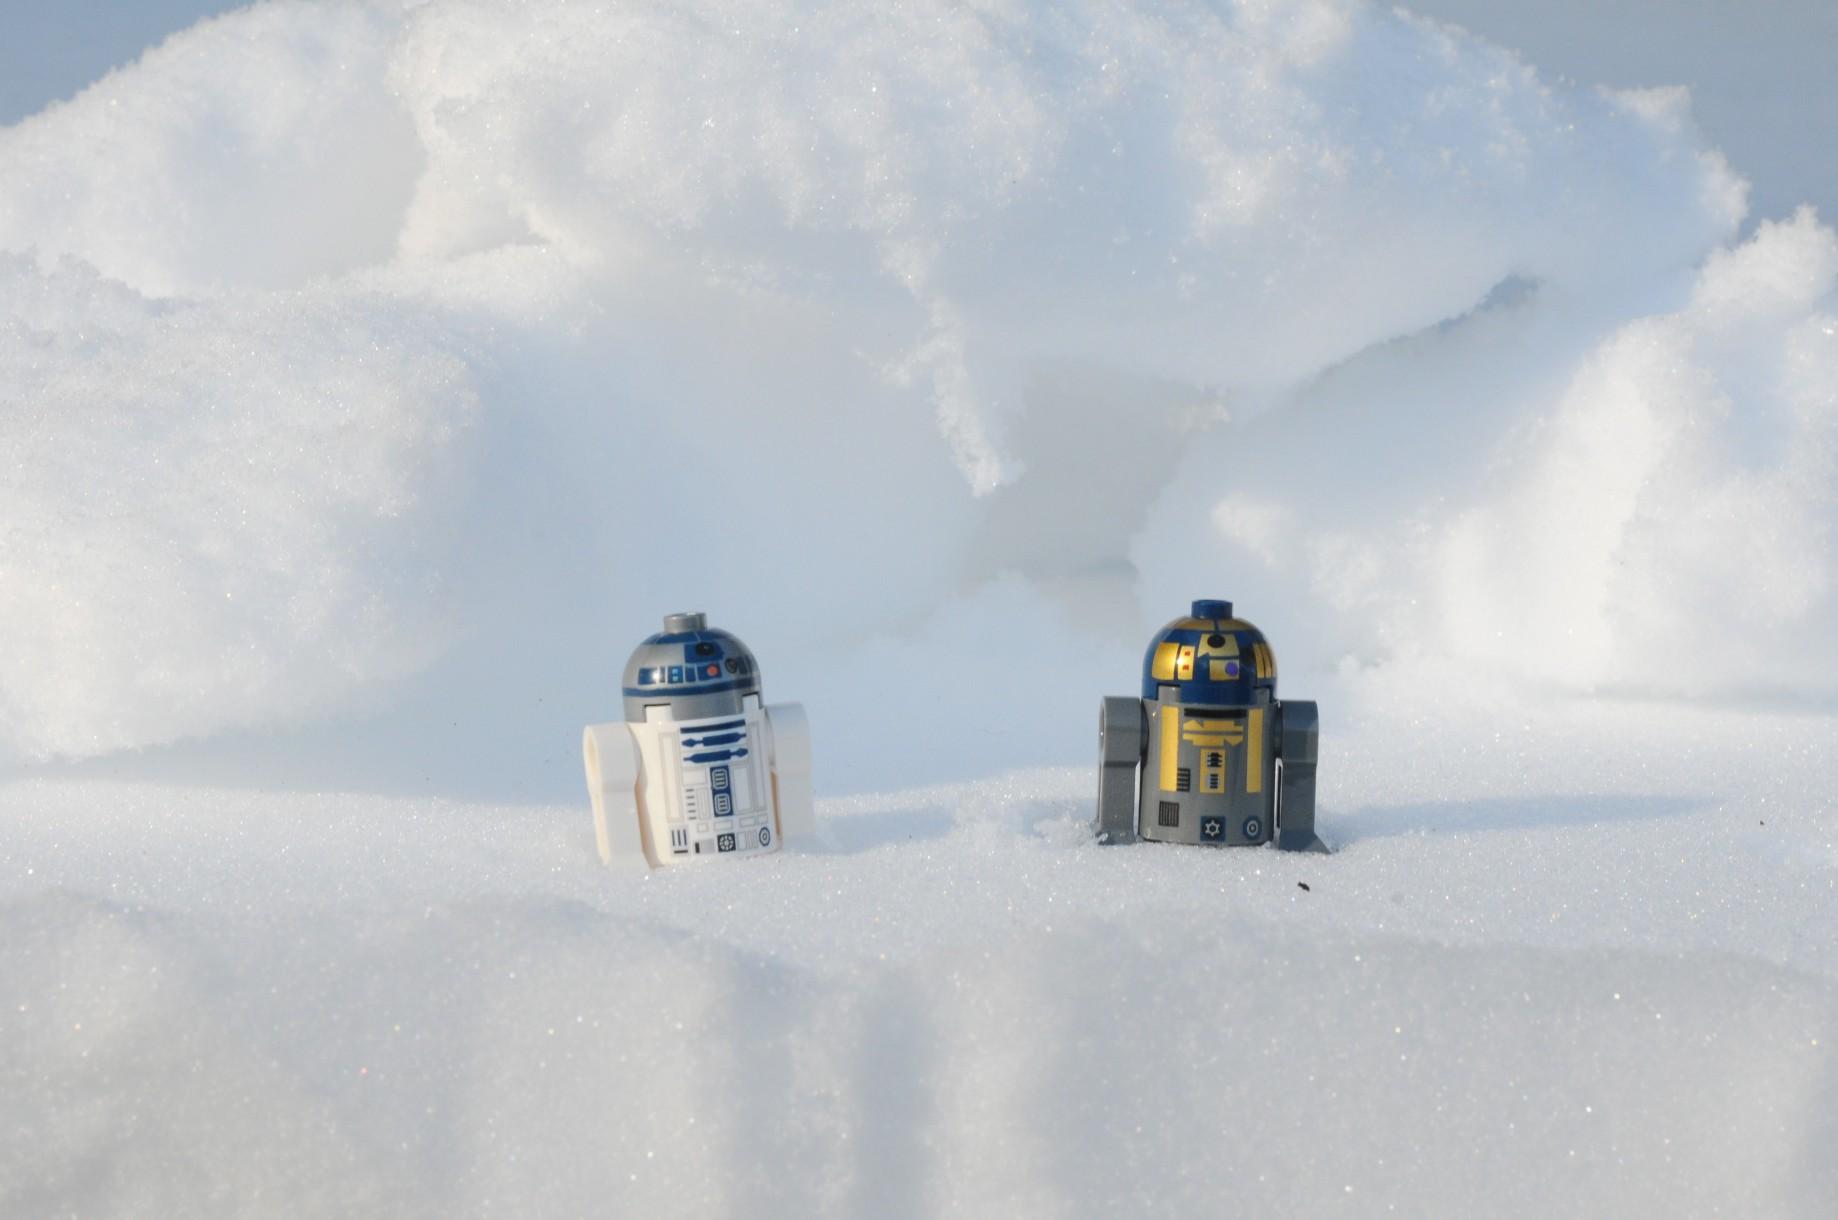 robots in the snow, representing AI winter